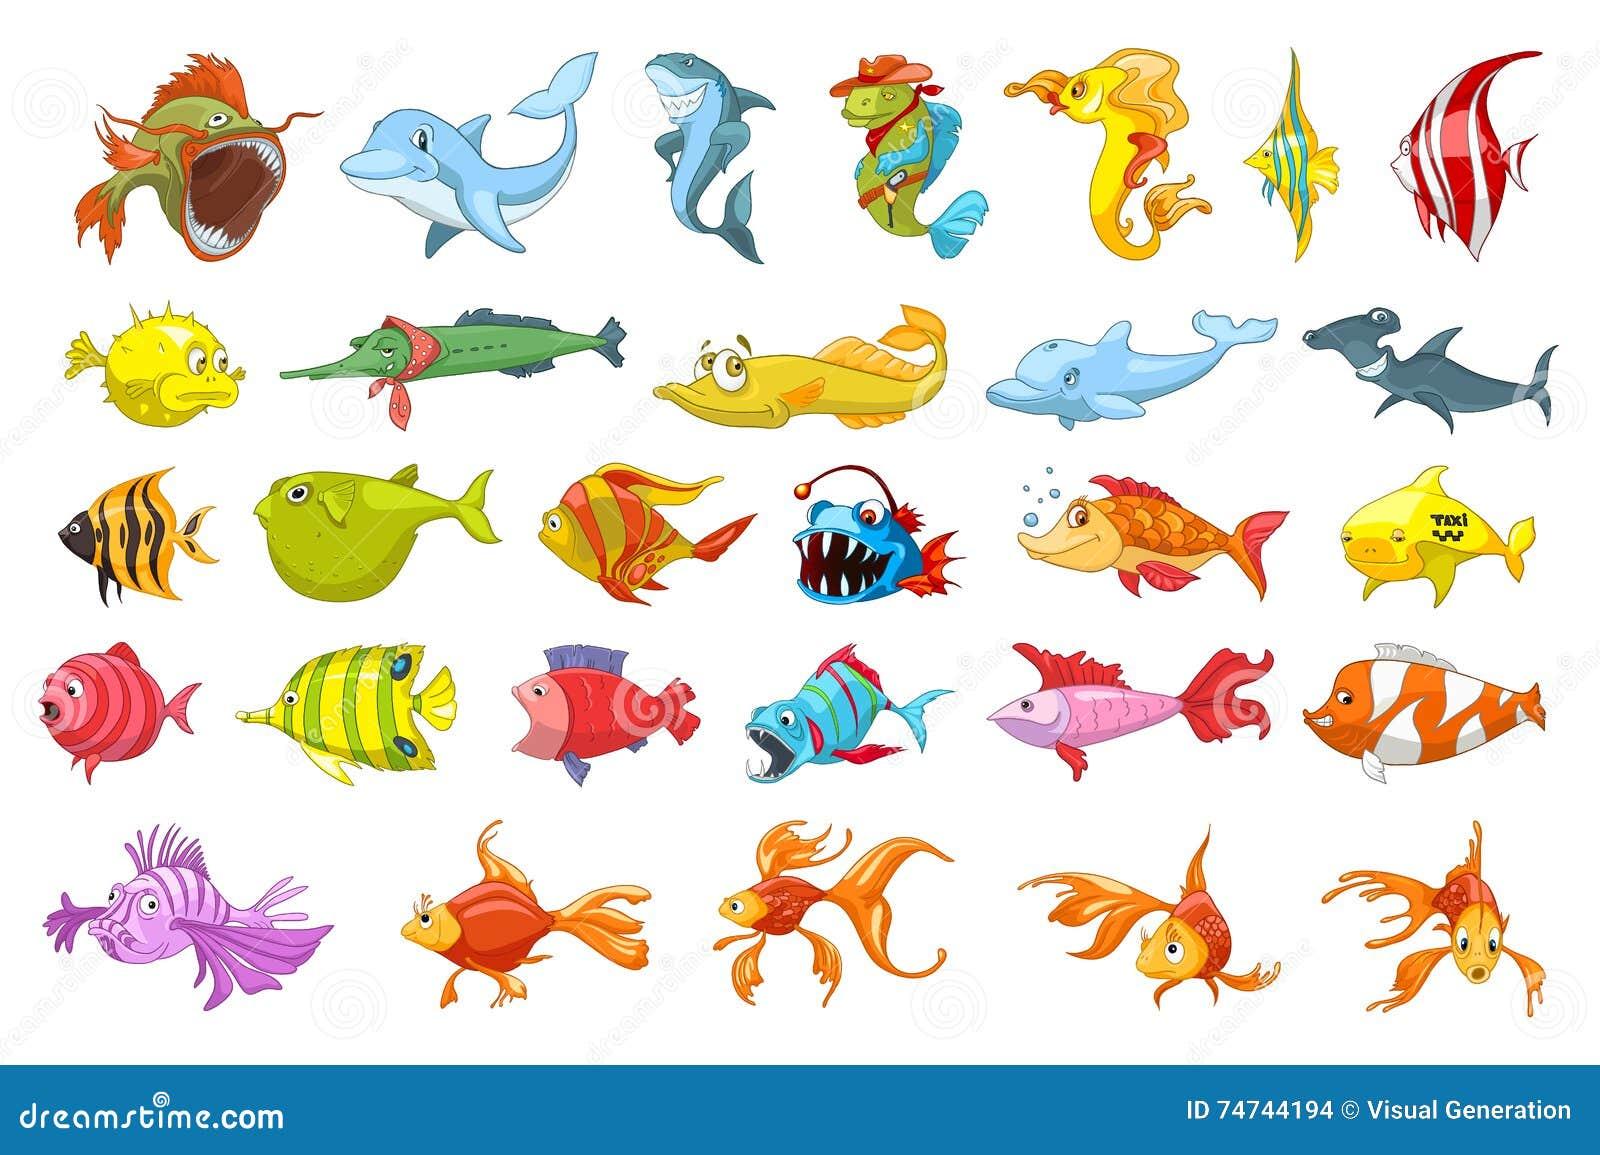 Комплект вектора иллюстраций рыб